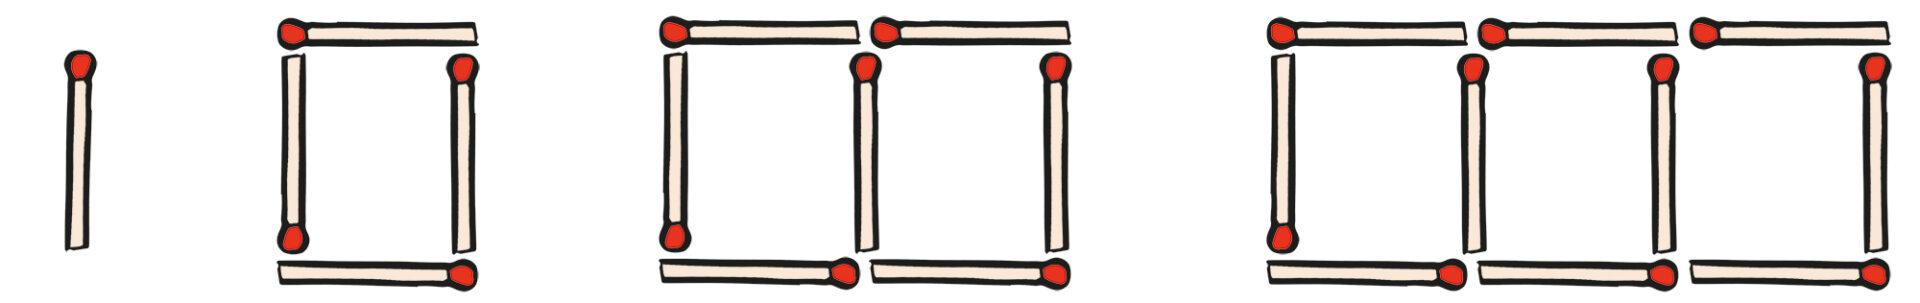 illustration of matchsticks arranged like number 1 0 00 000